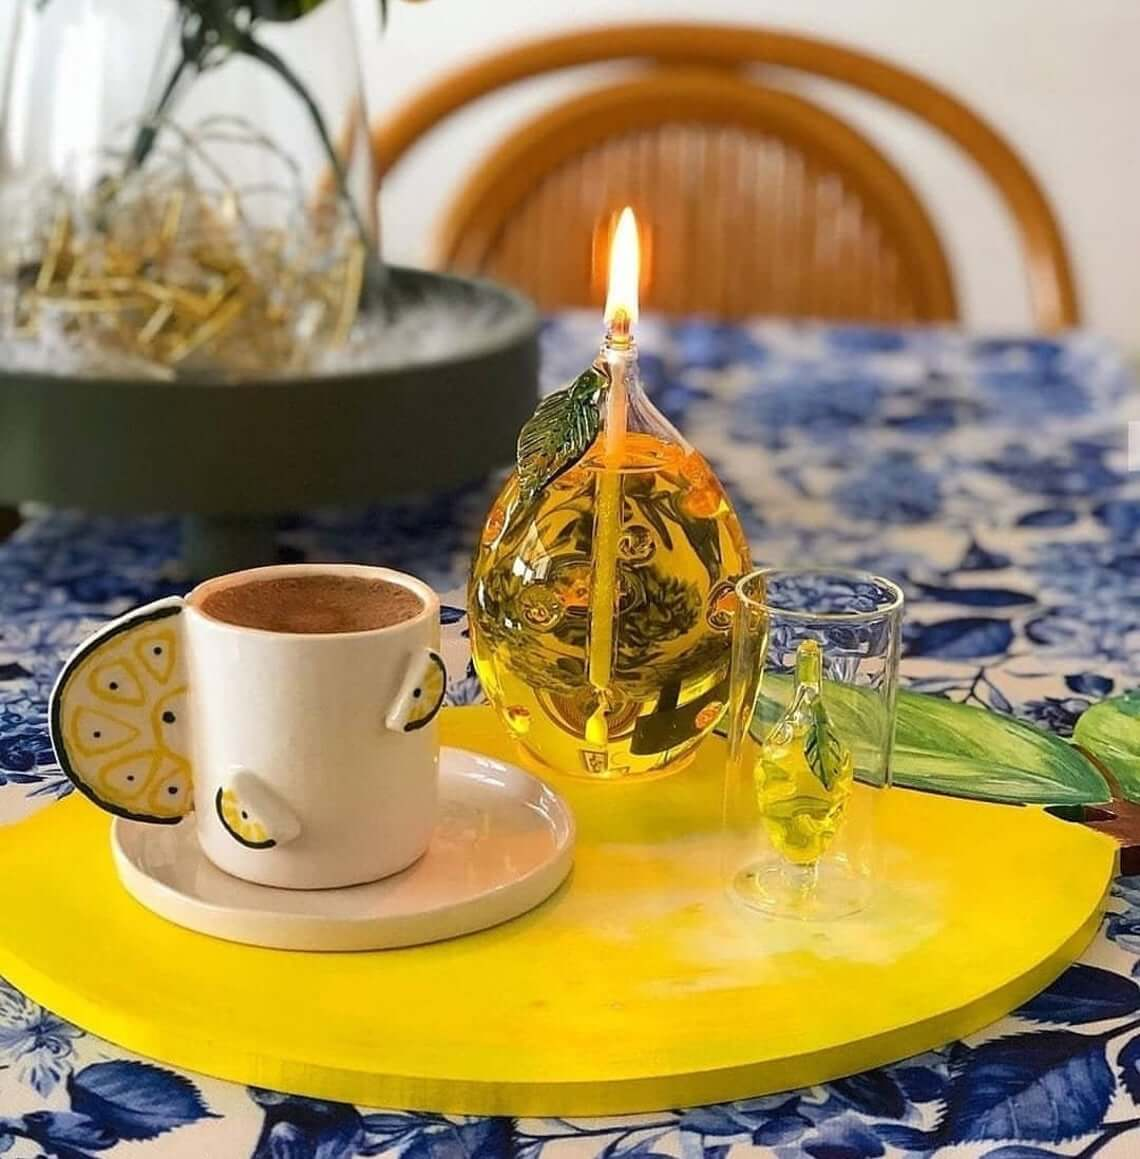 Lemon Shaped Glass Oil Lamp